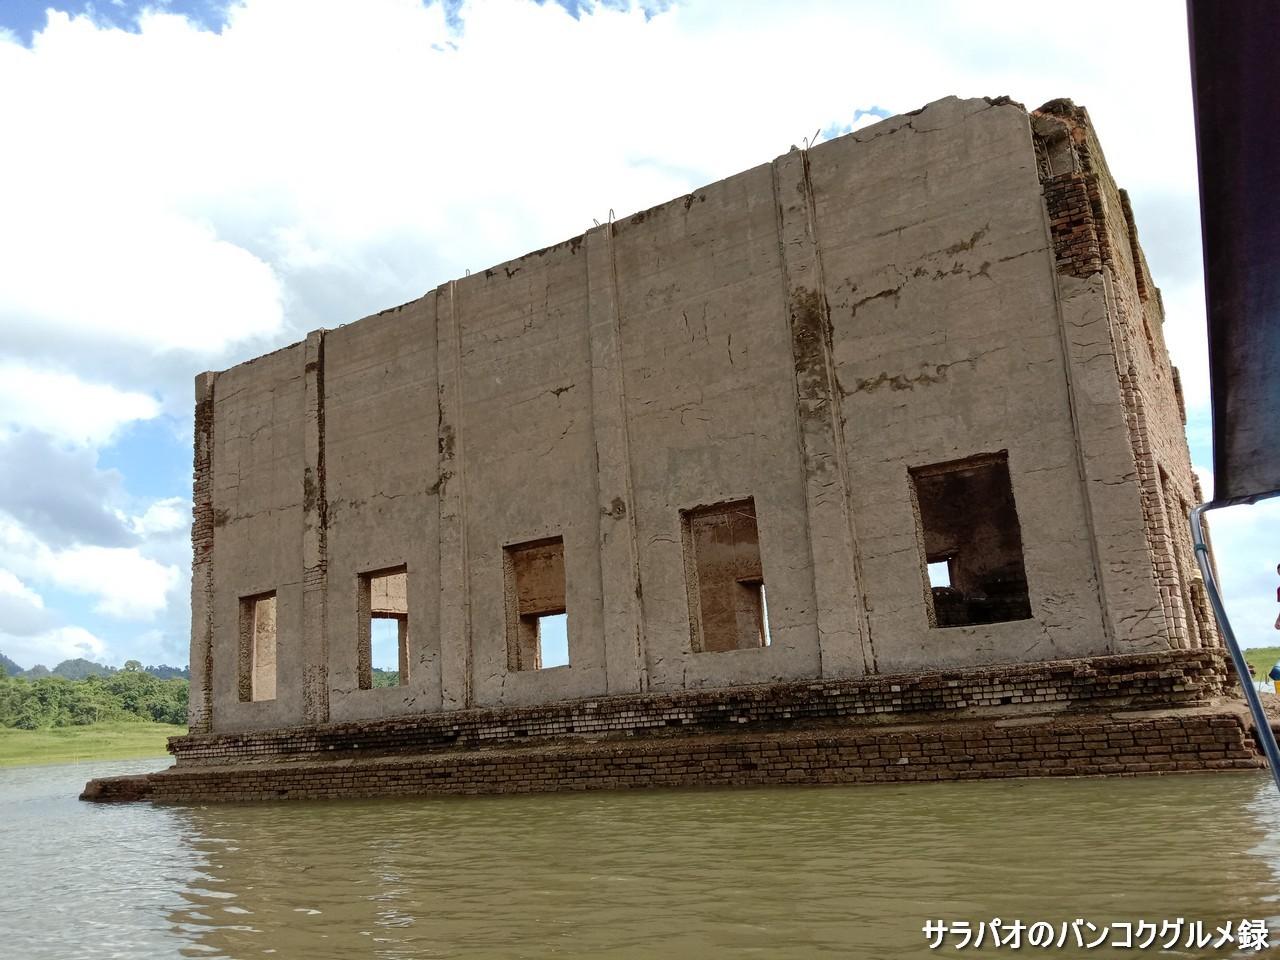 カオ・レーム湖に沈んだ寺を巡るボートツアー in カンチャナブリ